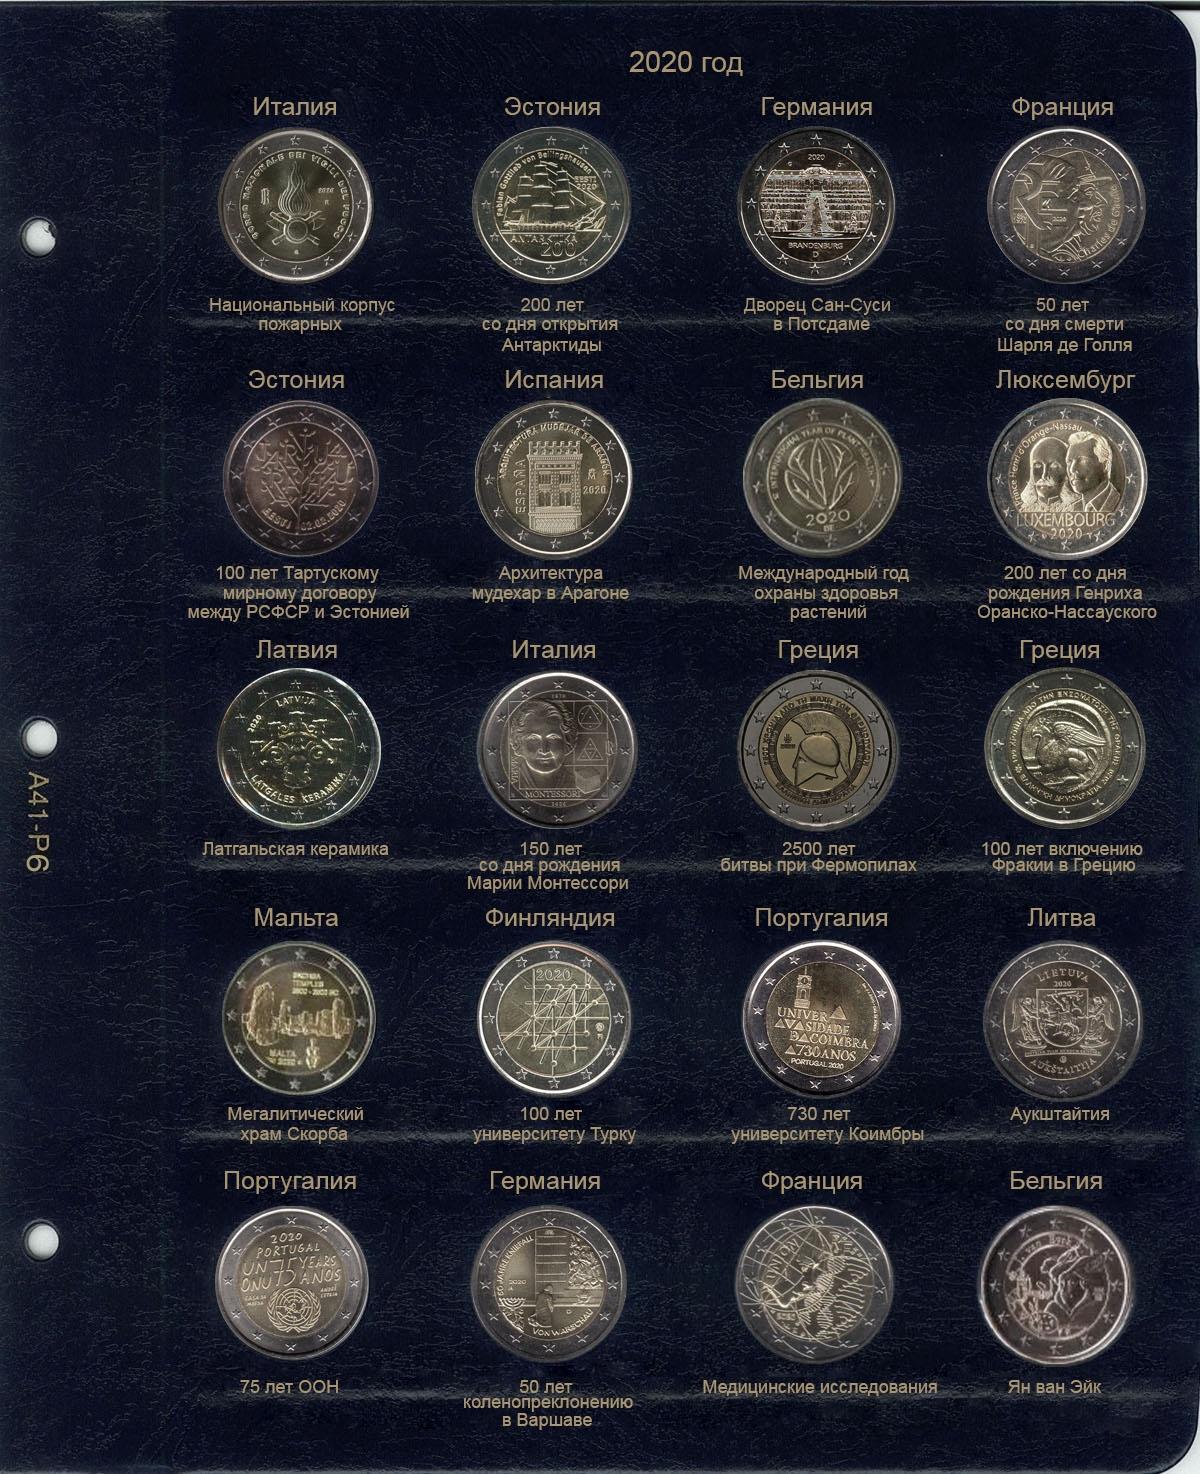 Лист для памятных и юбилейных монет 2 Евро 2020 гг.